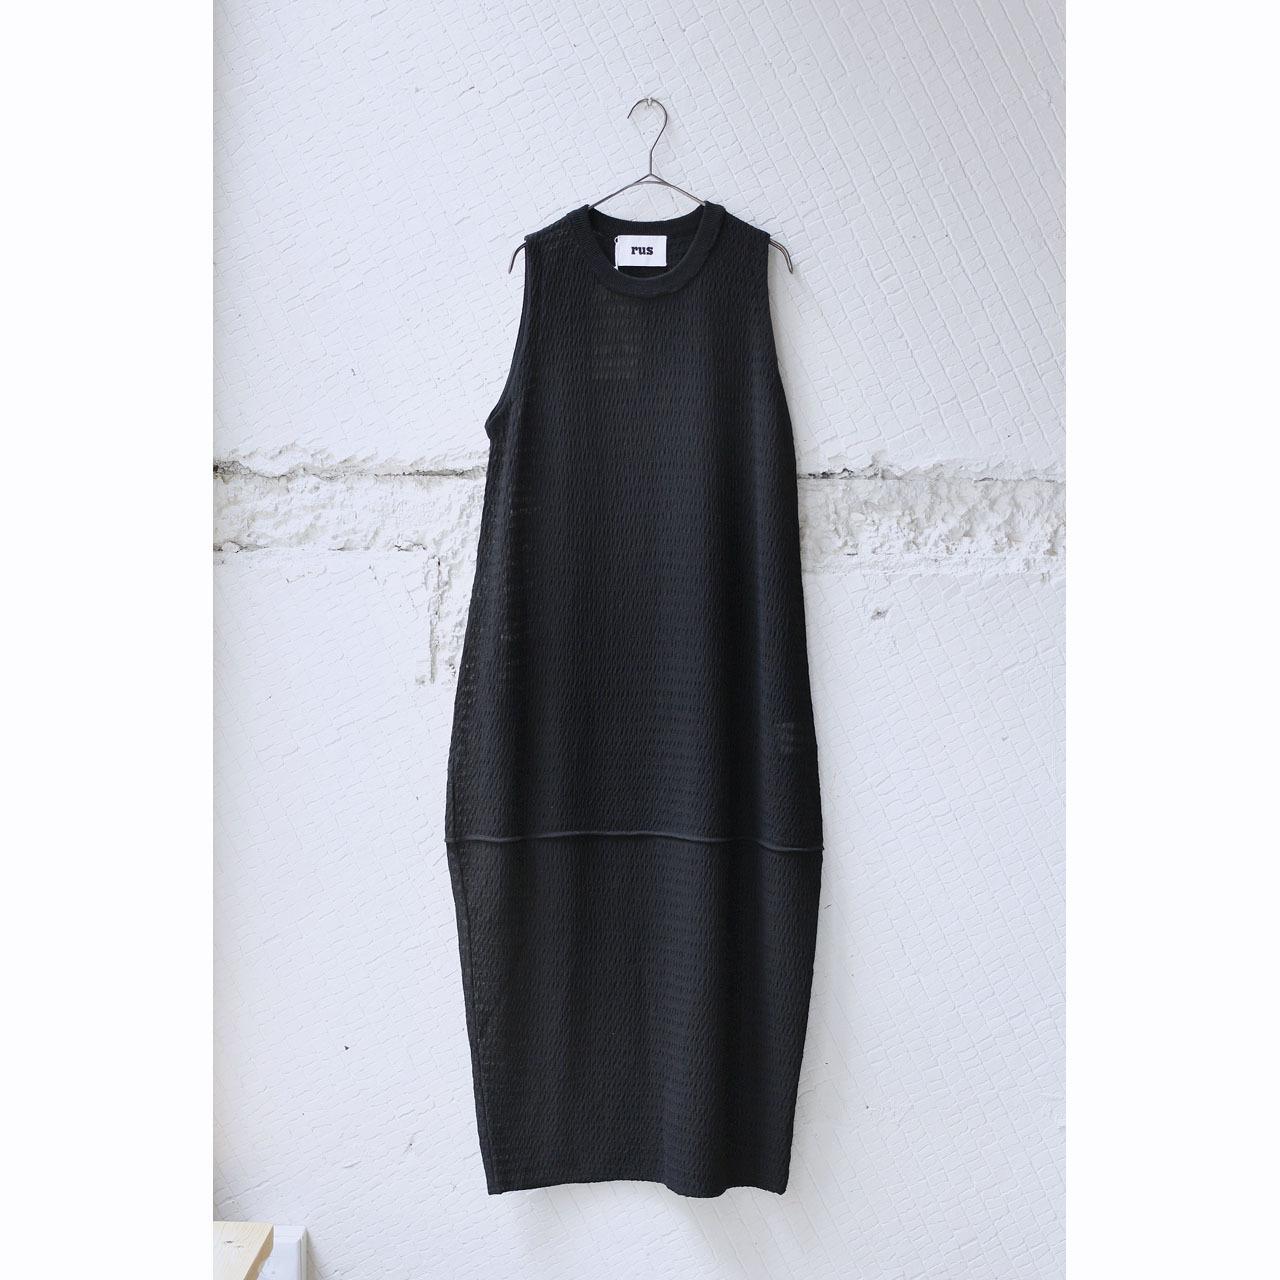 【RUS】SORA KNIT DRESS